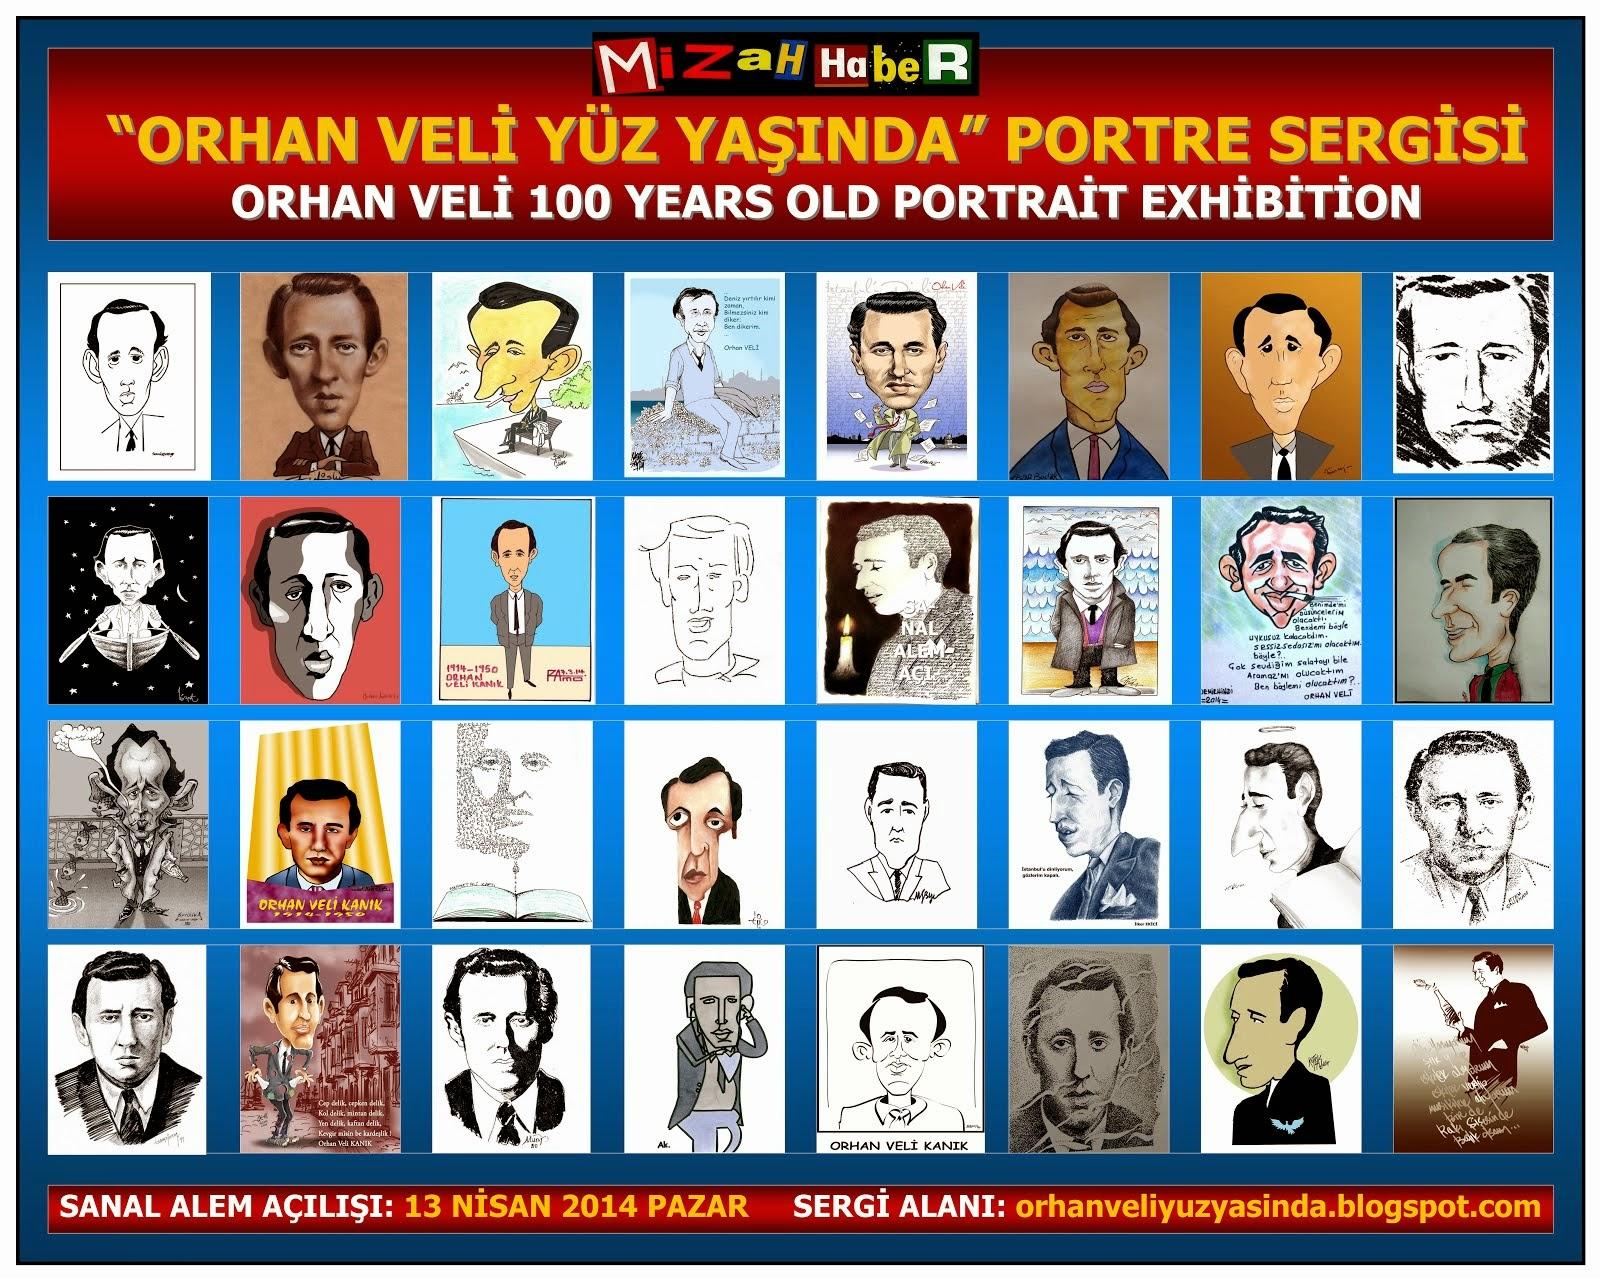 MİZAHHABER / ORHAN VELİ YÜZ YAŞINDA PORTRE SERGİSİ...